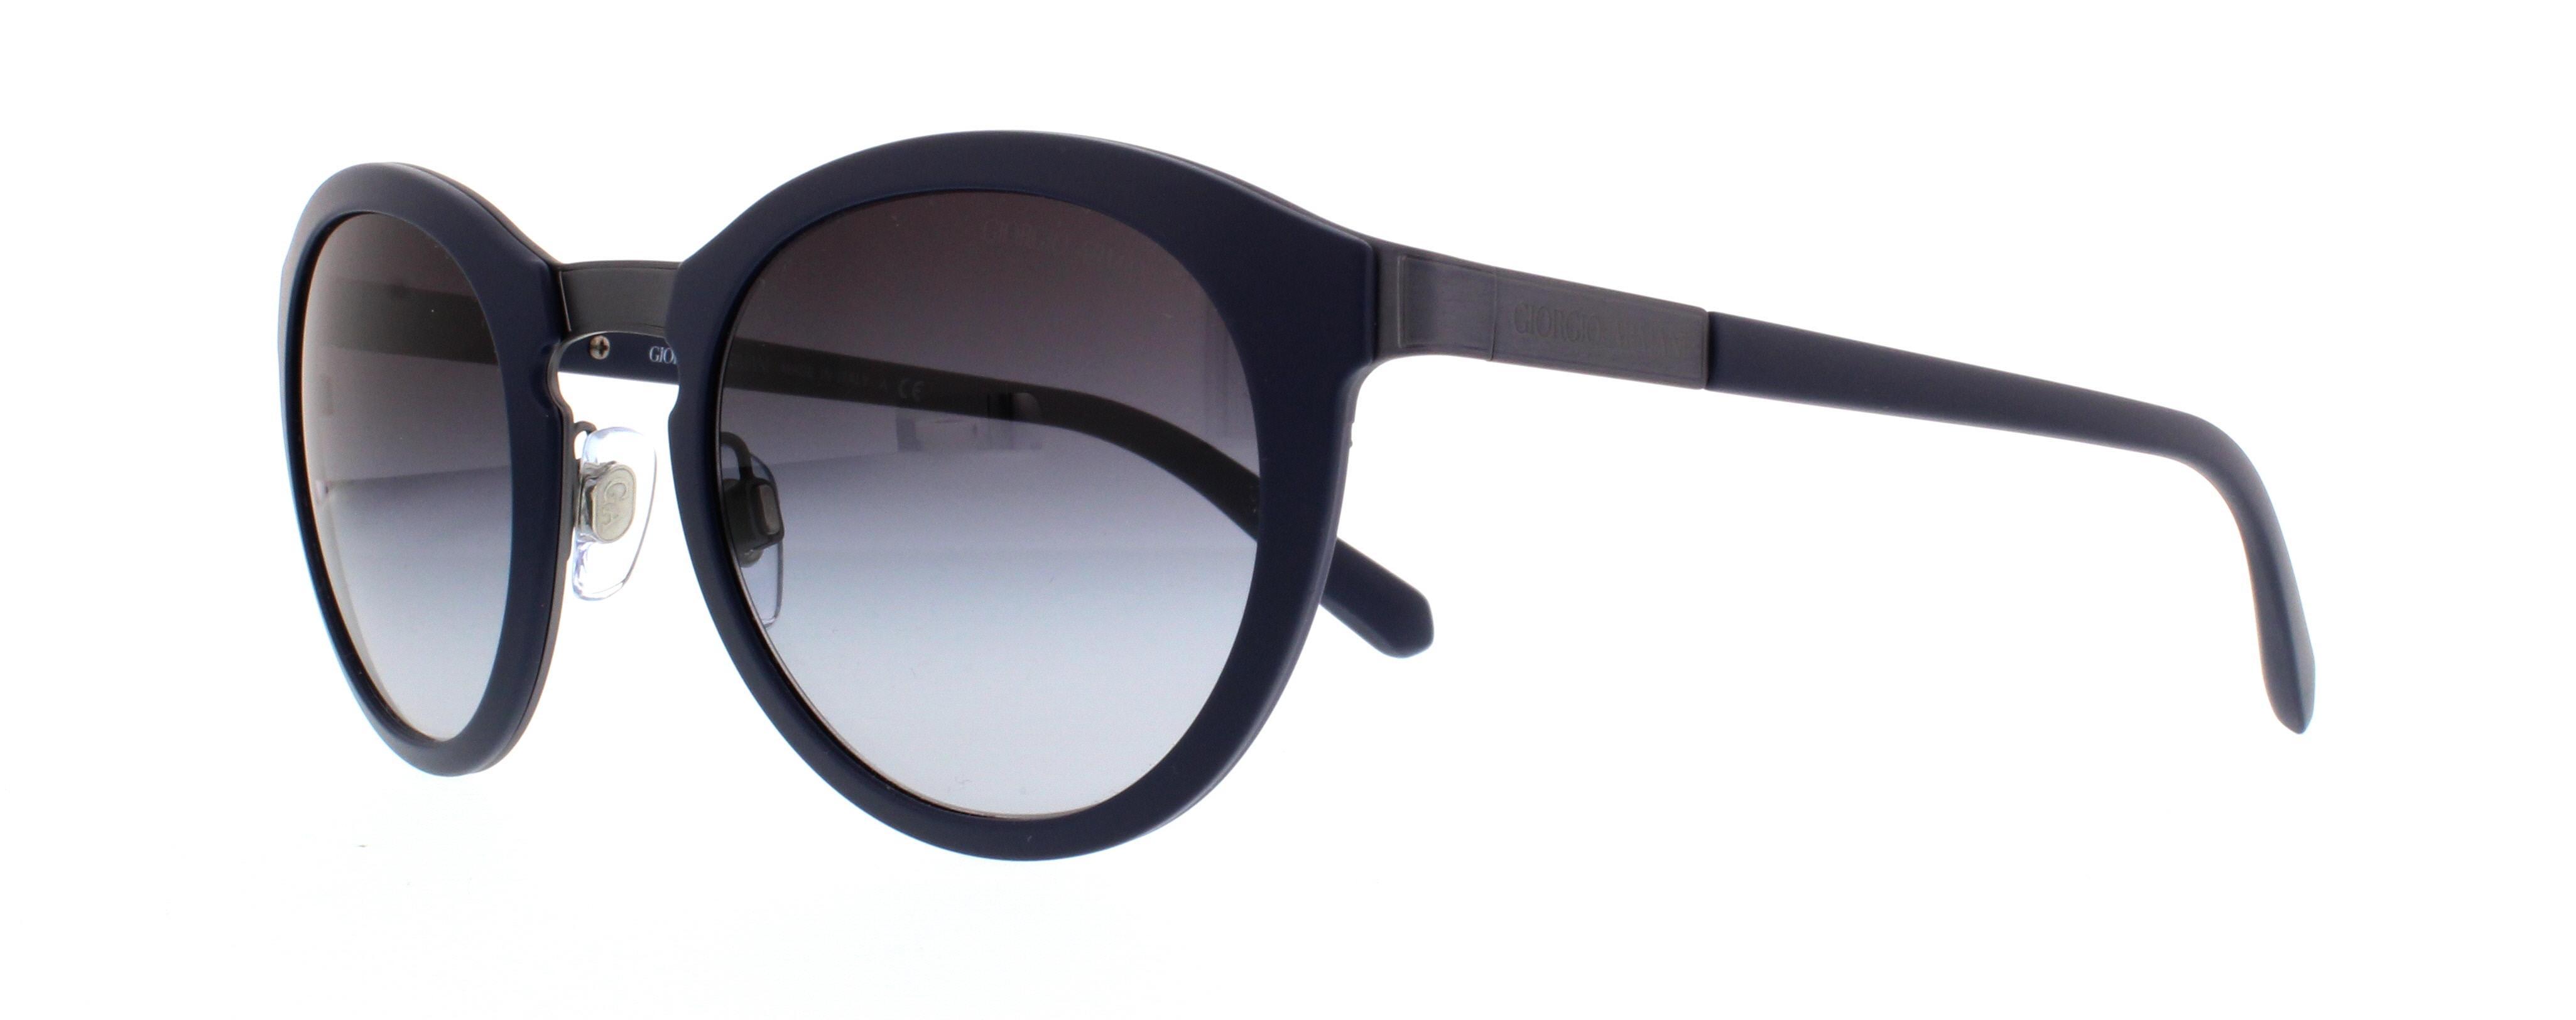 Giorgio Armani AR 6009 30308G 1 2xLXp